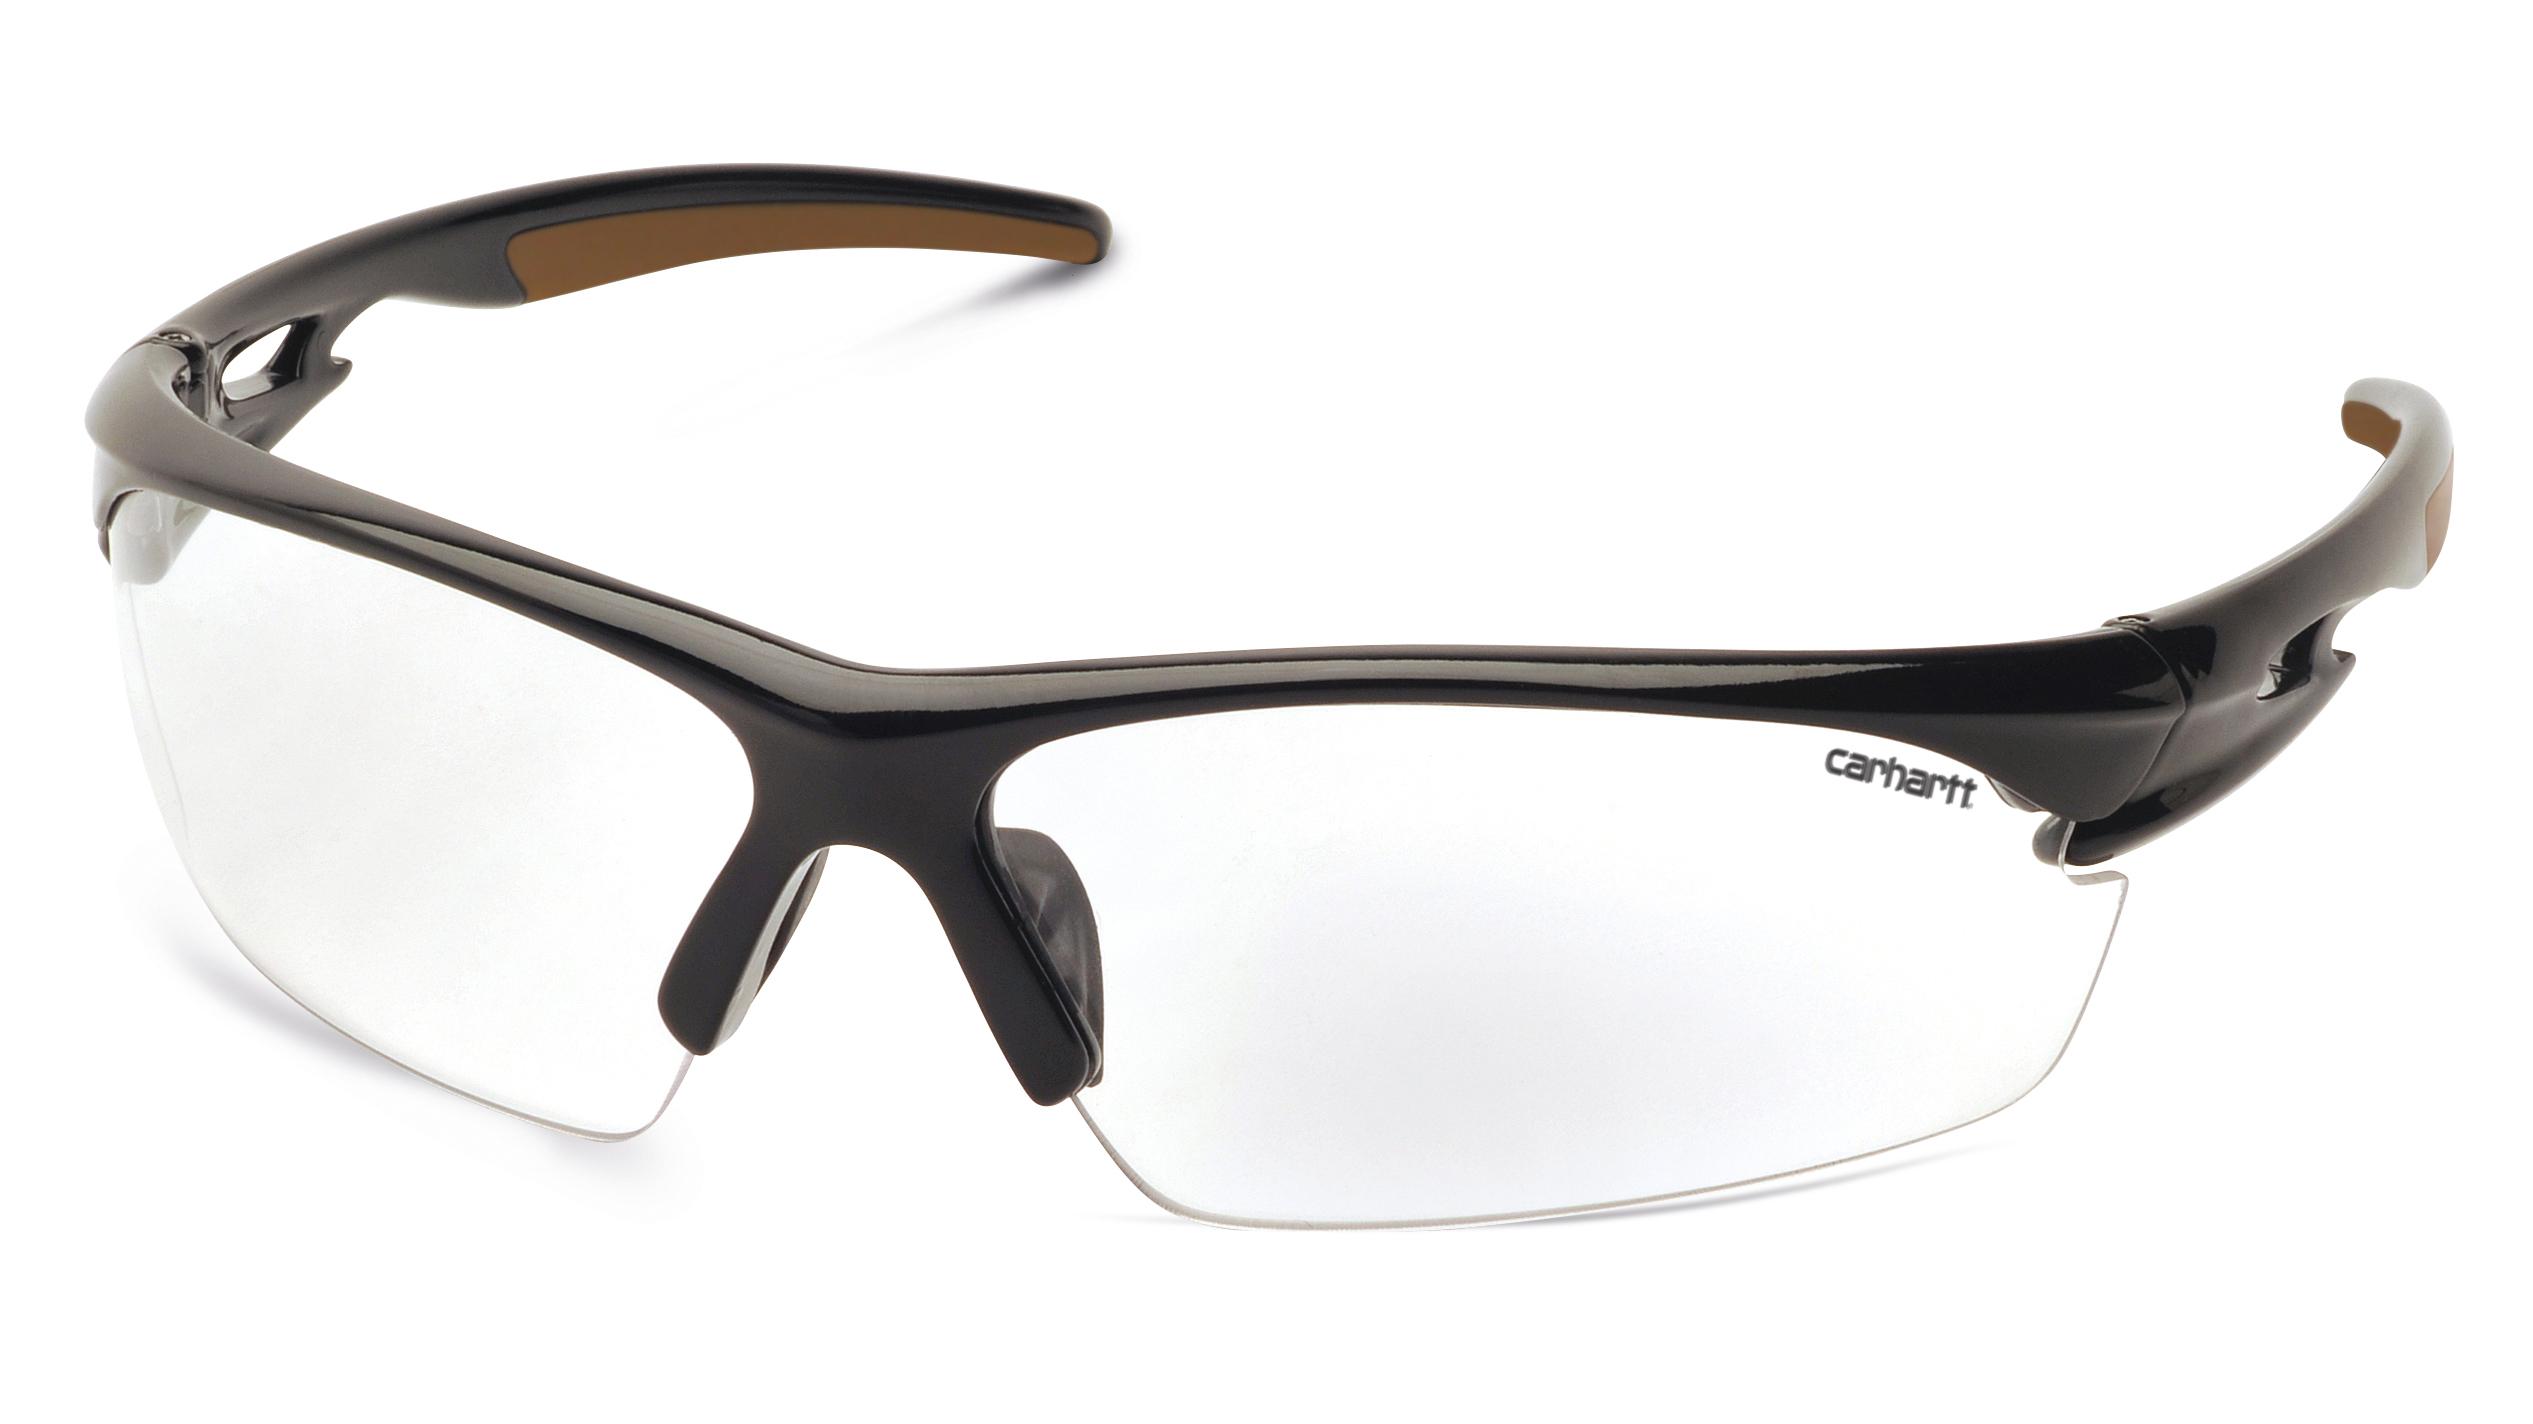 Carhartt Schutzbrille Ironside + , Klar, ANSI Z87.1